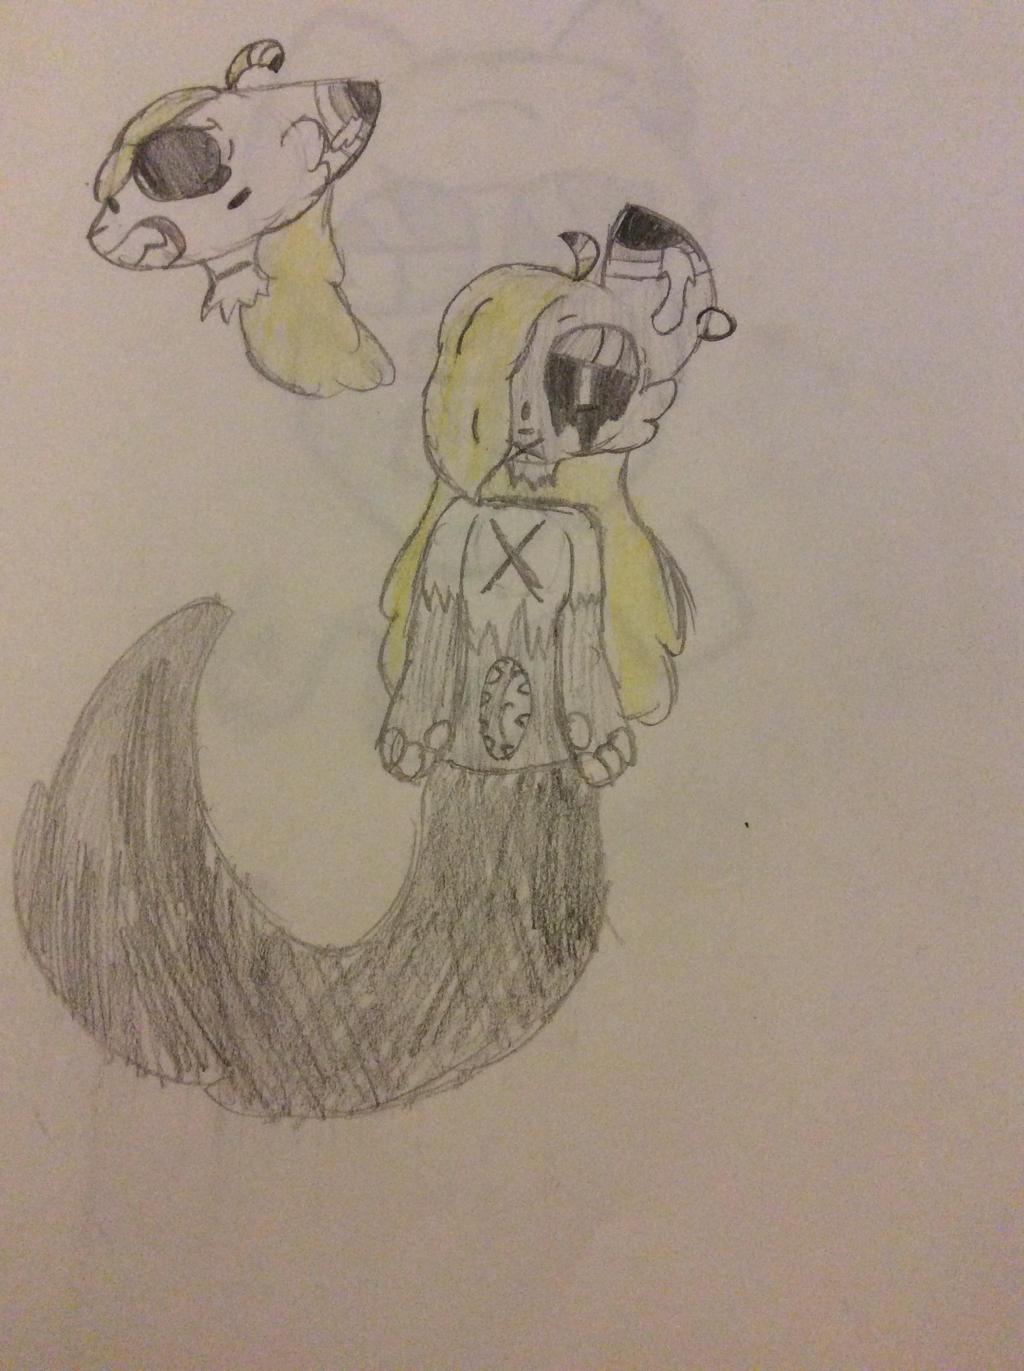 My badside by Shadethewolf345